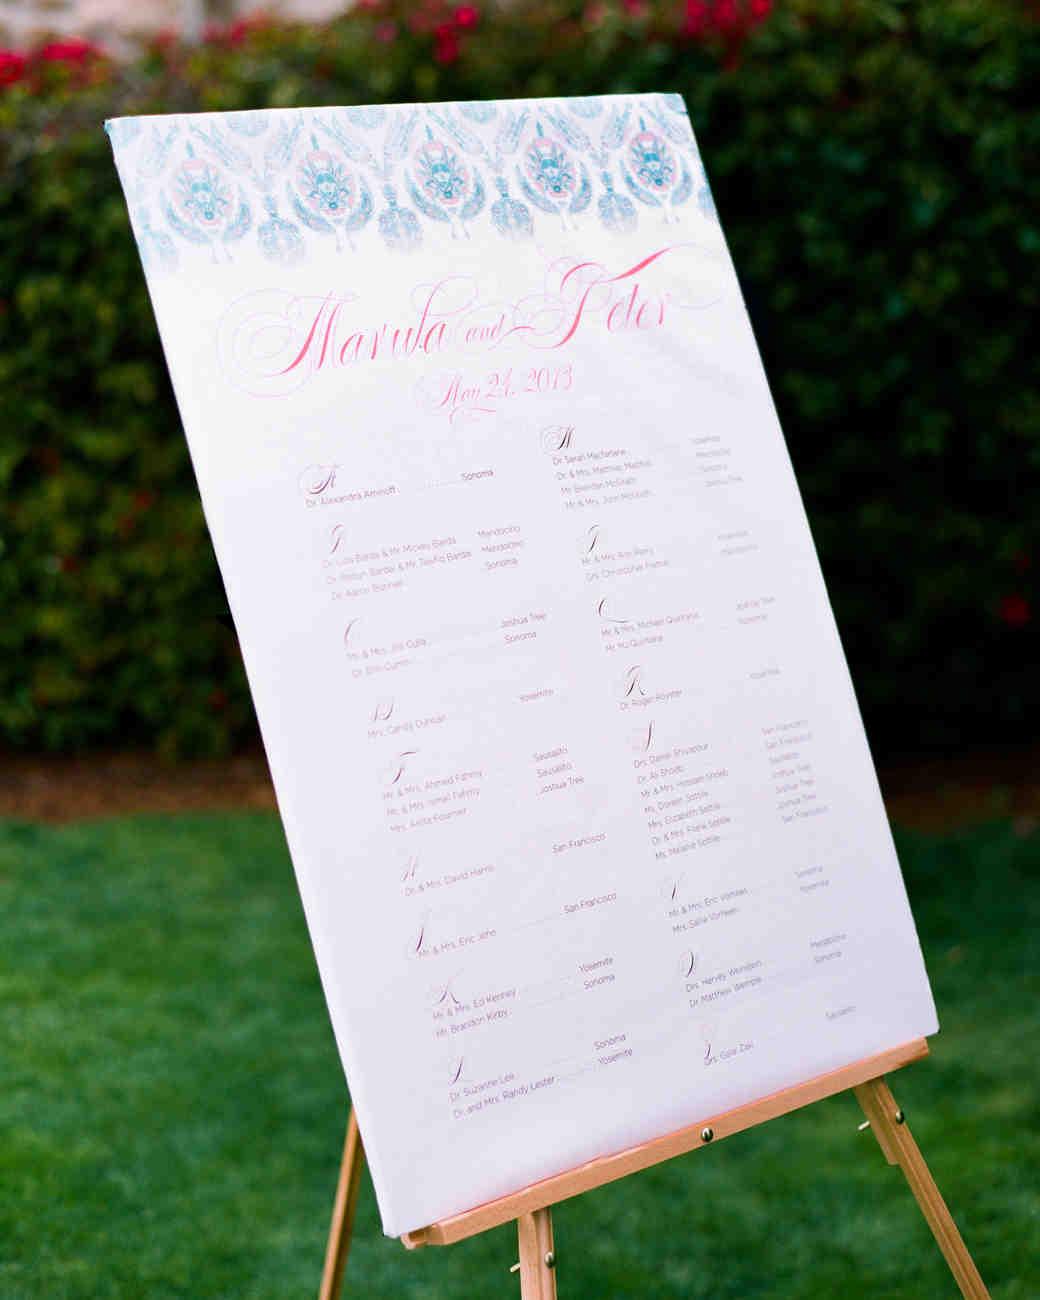 marwa-peter-wedding-seating-0414.jpg